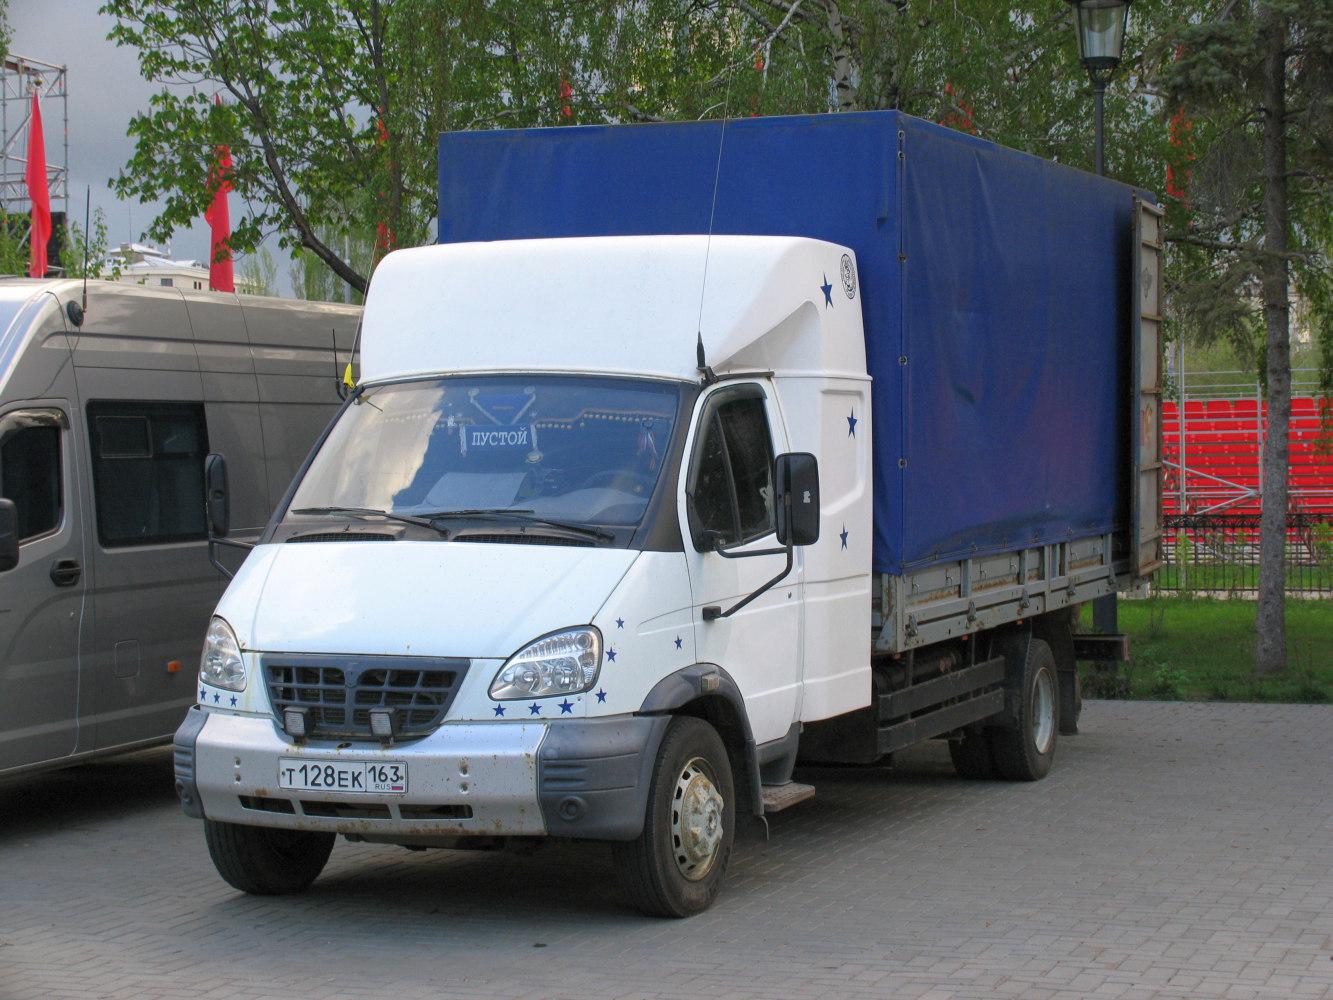 бортовой грузовой автомобиль ГАЗ Валдай ГАЗ-3310* #Т128ЕК163. г. Самара, пл. им. В. В. Куйбышева